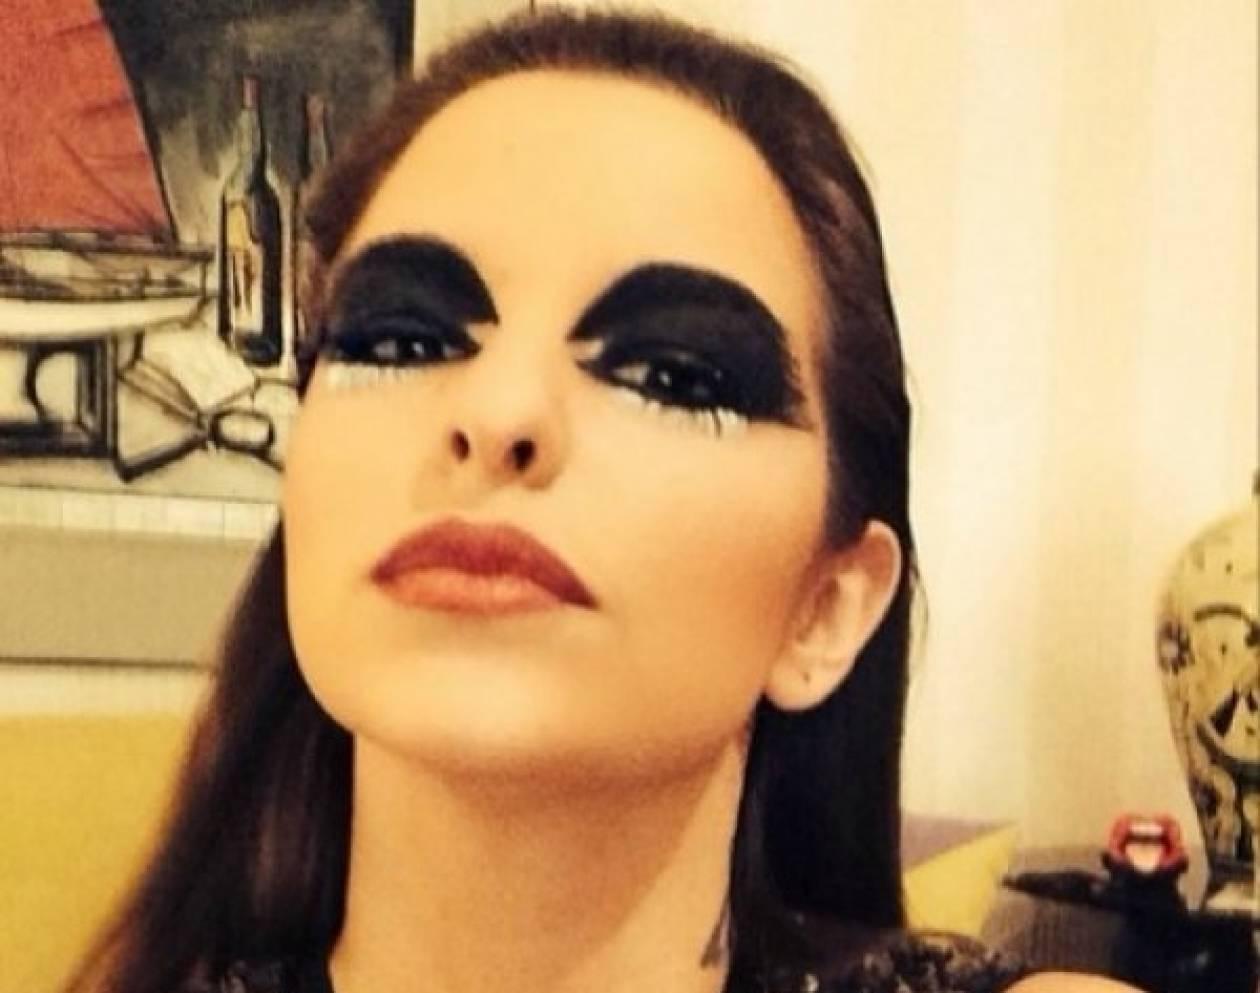 Η Εριέττα Κούρκουλου ποζάρει με sexy κορμάκι